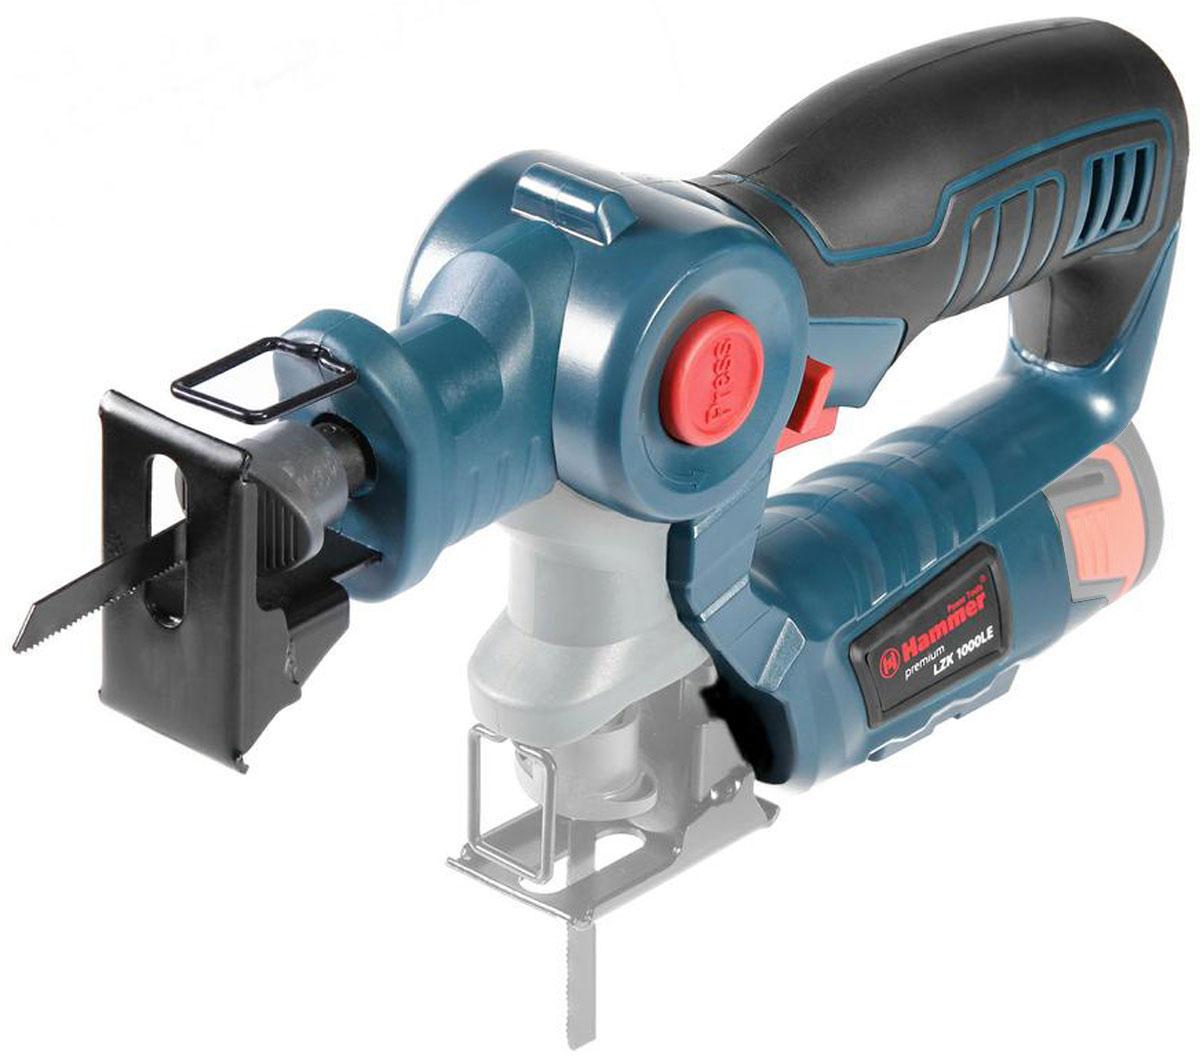 Аккумуляторный лобзик-сабельная пила Hammer LZK1000LE PREMIUM (без АКБ)134414Универсальный аккумуляторный лобзик предназначен для прямо- и криволинейного распила древесных, полимерных и металлических материалов. Функциональные особенности: три режима работы (вдоль, поперек и под углом) Конструктивные особенности: литое основание; двойная система изоляции; электронная регулировка хода; маятниковый ход; пылесос - Уникальный инструмент - 2-в-1, лобзик и сабельная пила. - Универсальный аккумулятор серии LE. - Быстрозажимной механизм крепления пилки. - Регулировка скорости движения пилки. - Максимальная глубина пиления: - дерево 30мм - ПВХ трубы 16мм - металл 3мм Комплектация: - лобзик - пилка по металлу - пилка по дереву - инструкция Аккумулятор в комплект не входит!